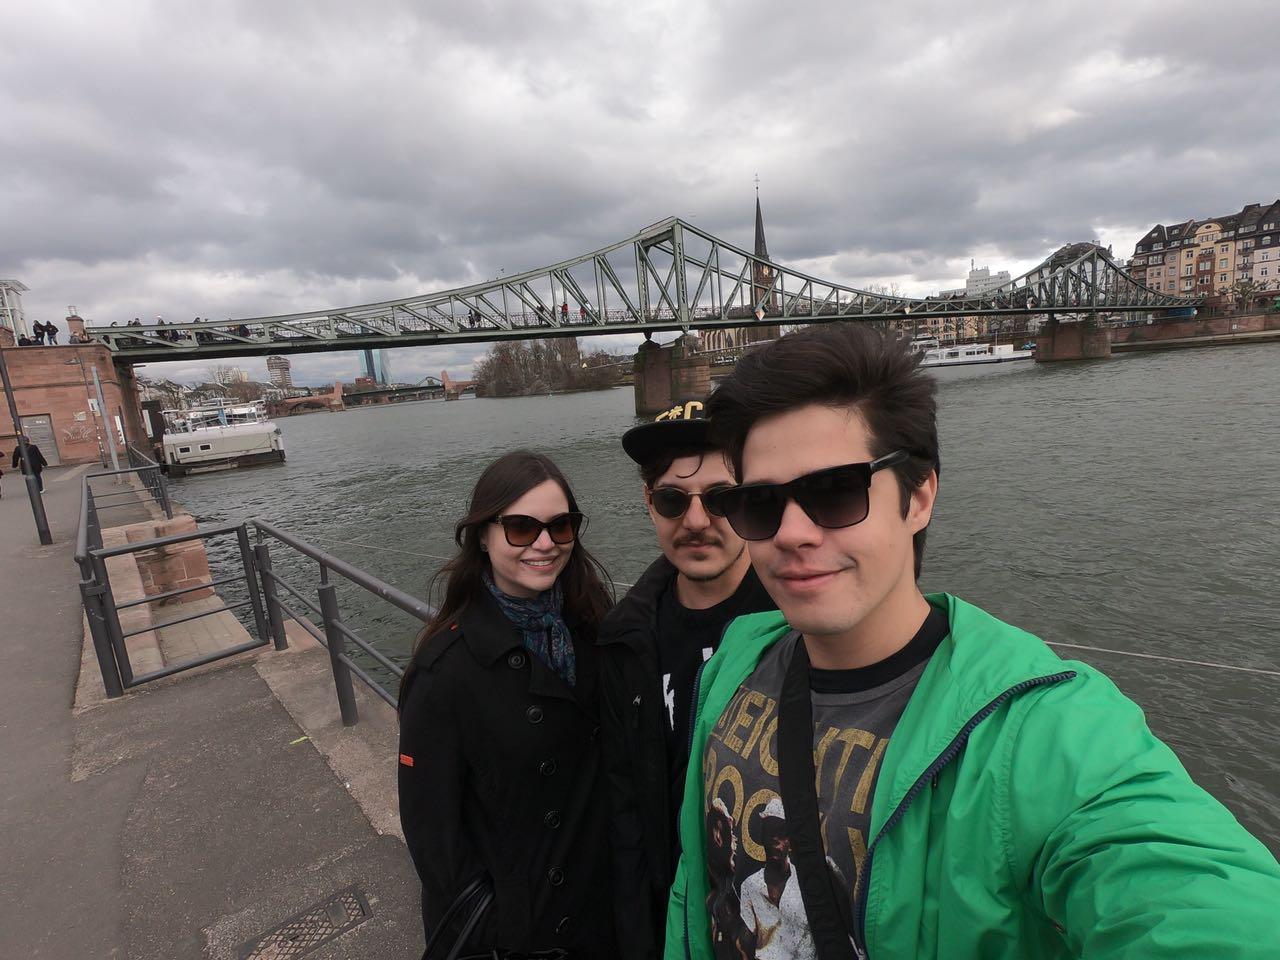 Viagem com amigos – Como viajar sem perder a amizade!